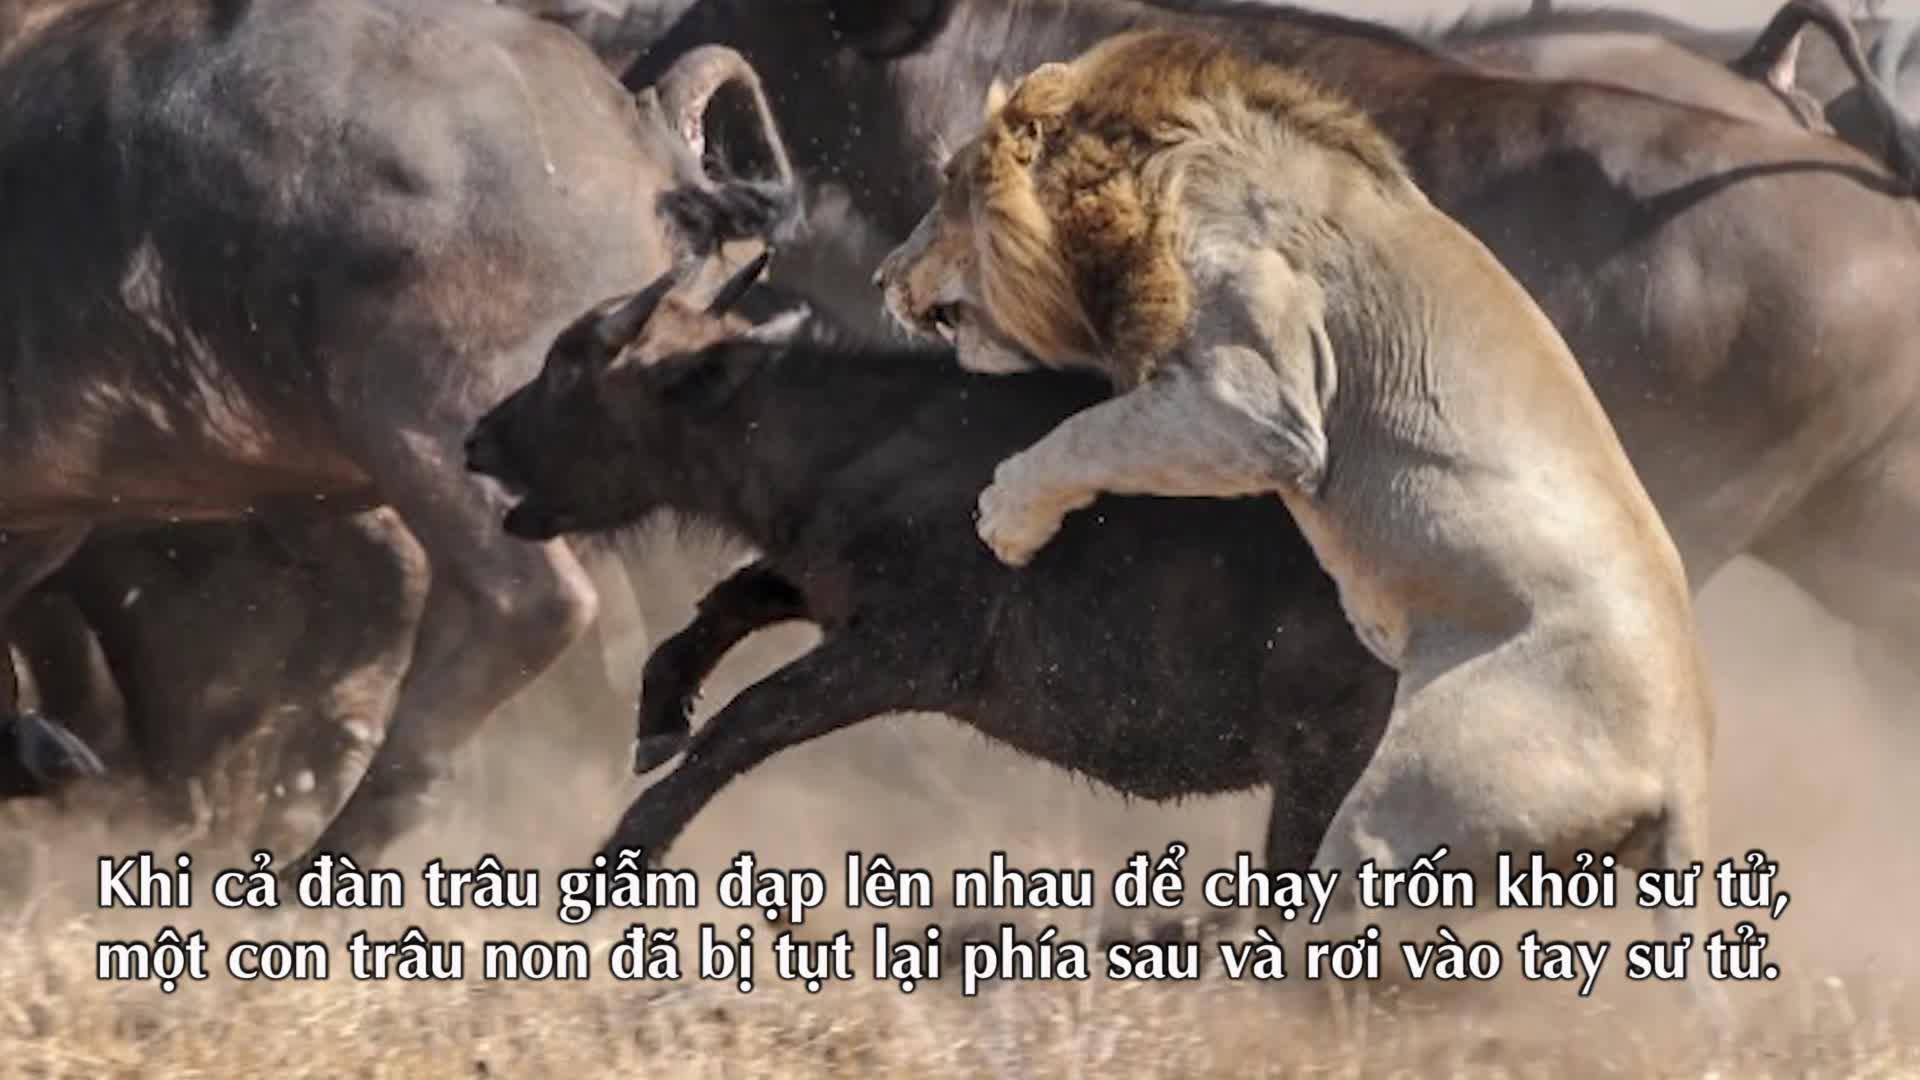 """Thế giới động vật: Sư tử nhận """"trái đắng"""" khi săn trâu con"""